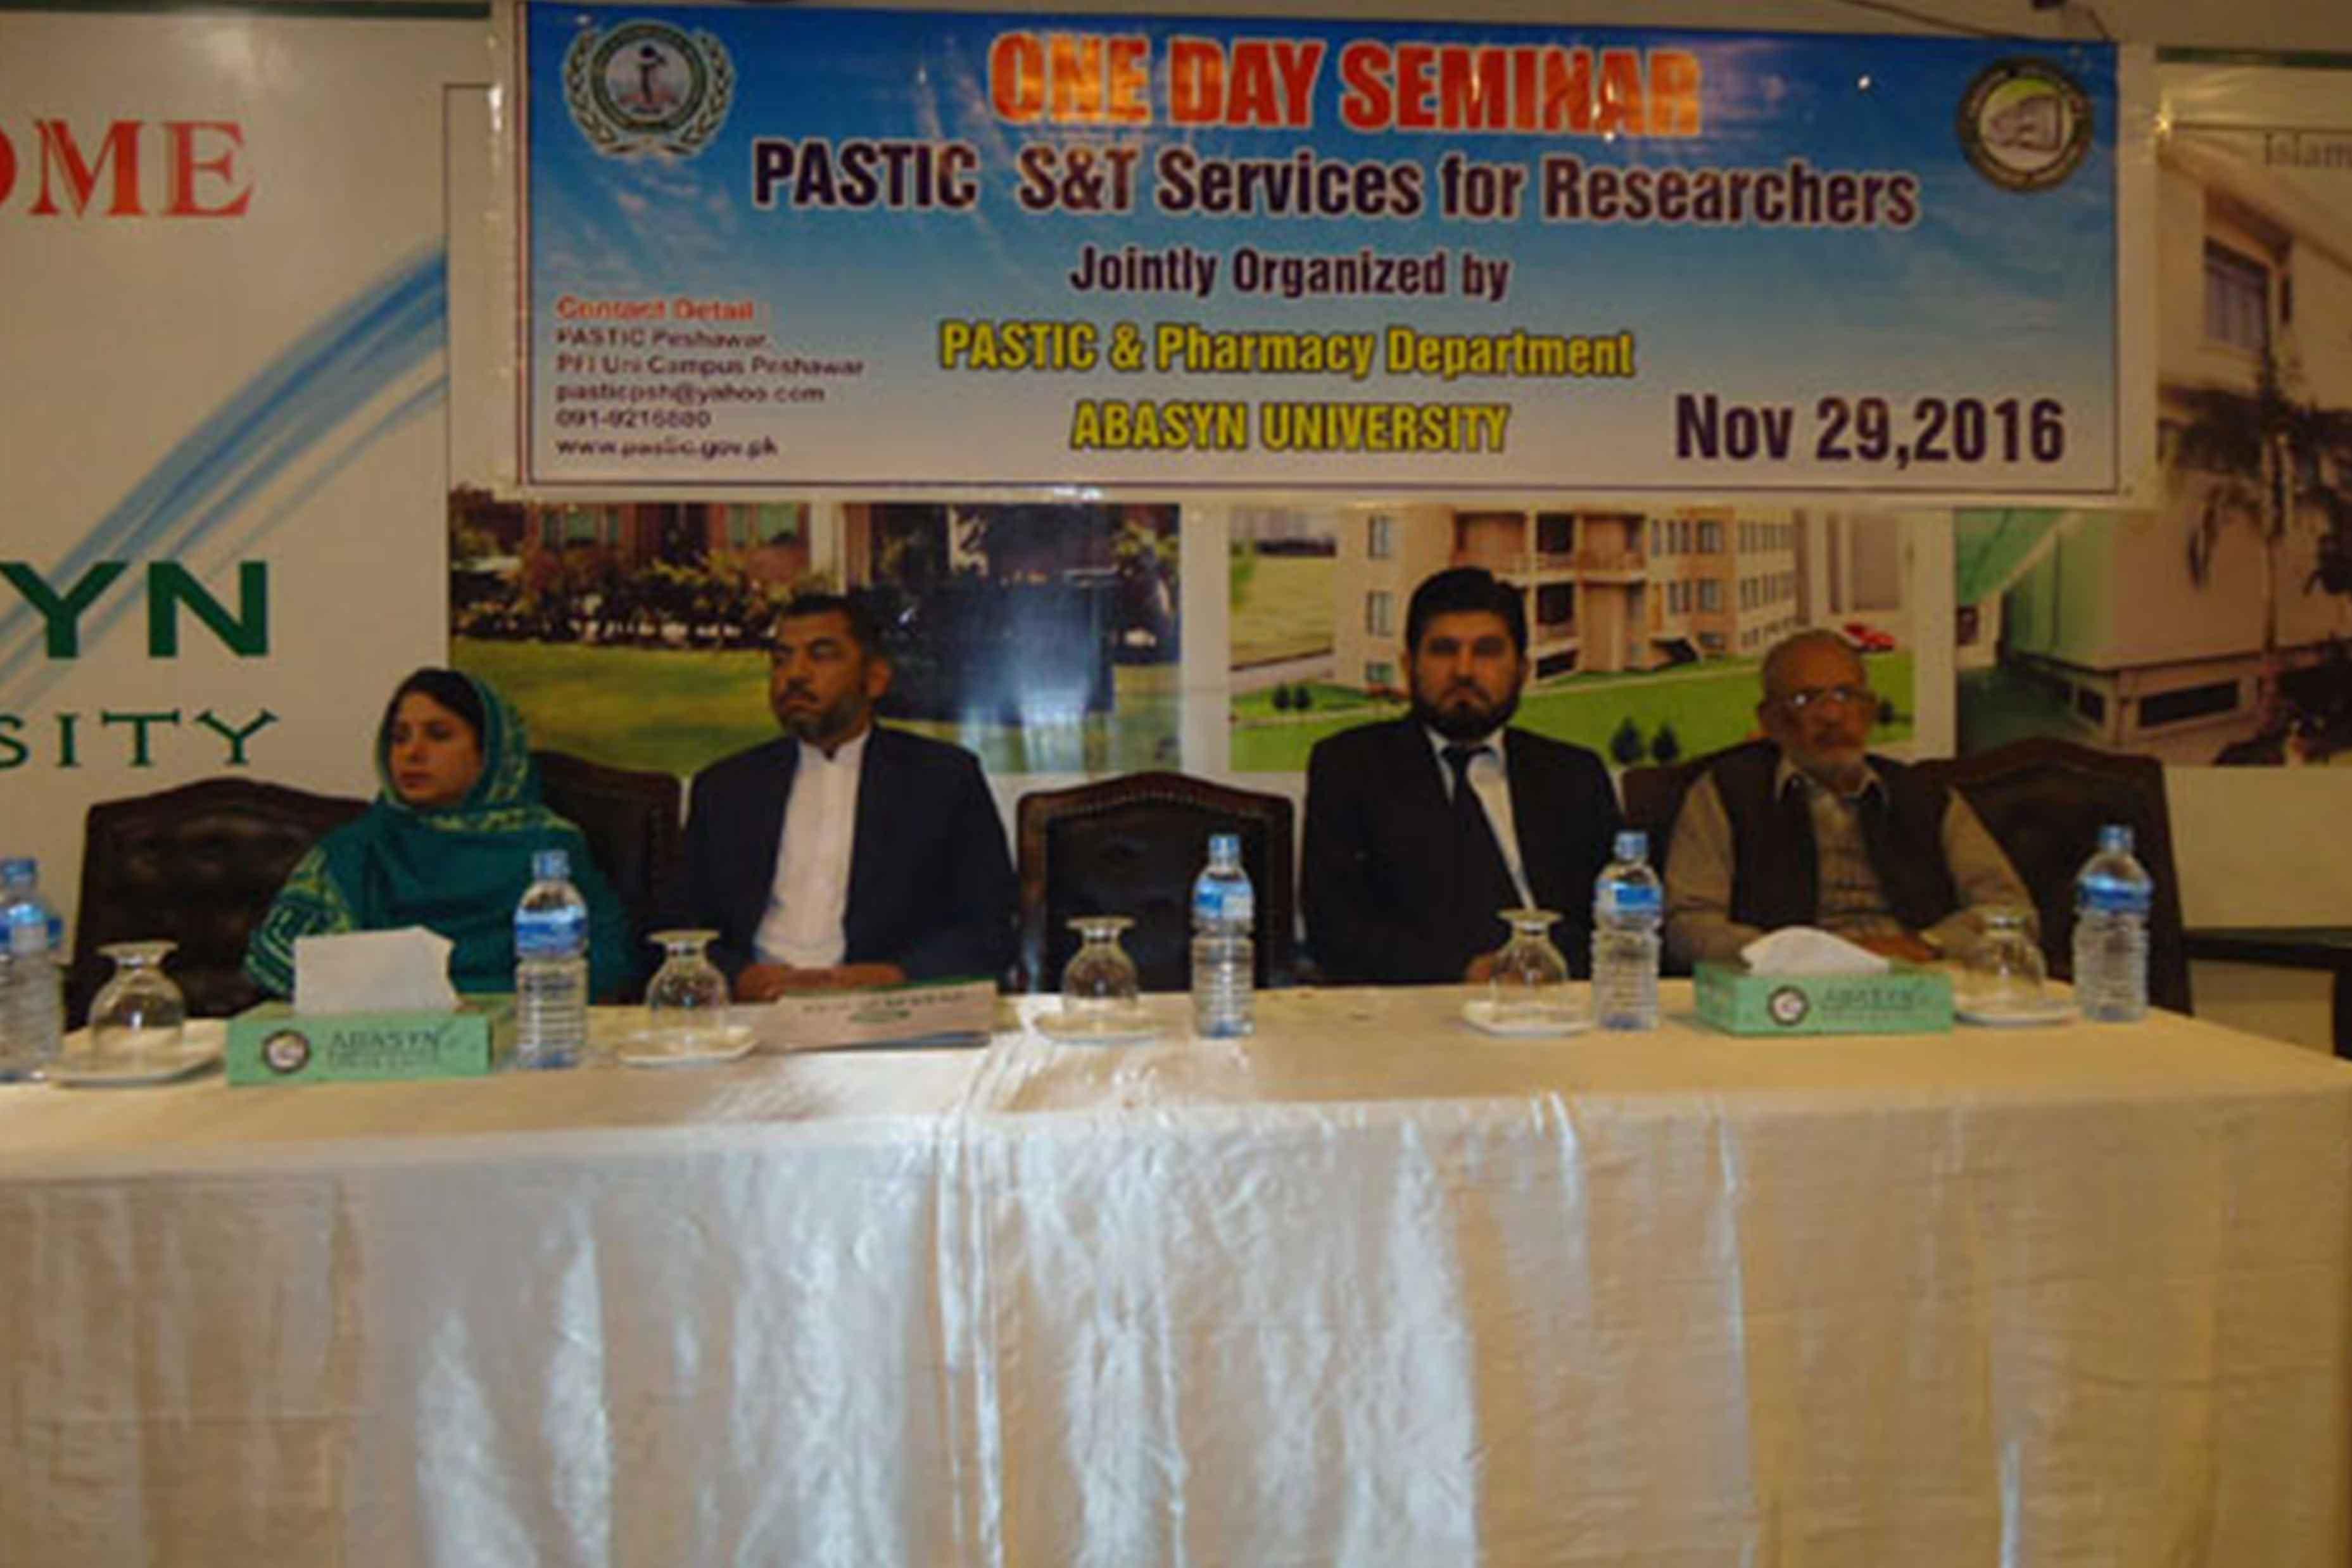 PASTIC S&T Services